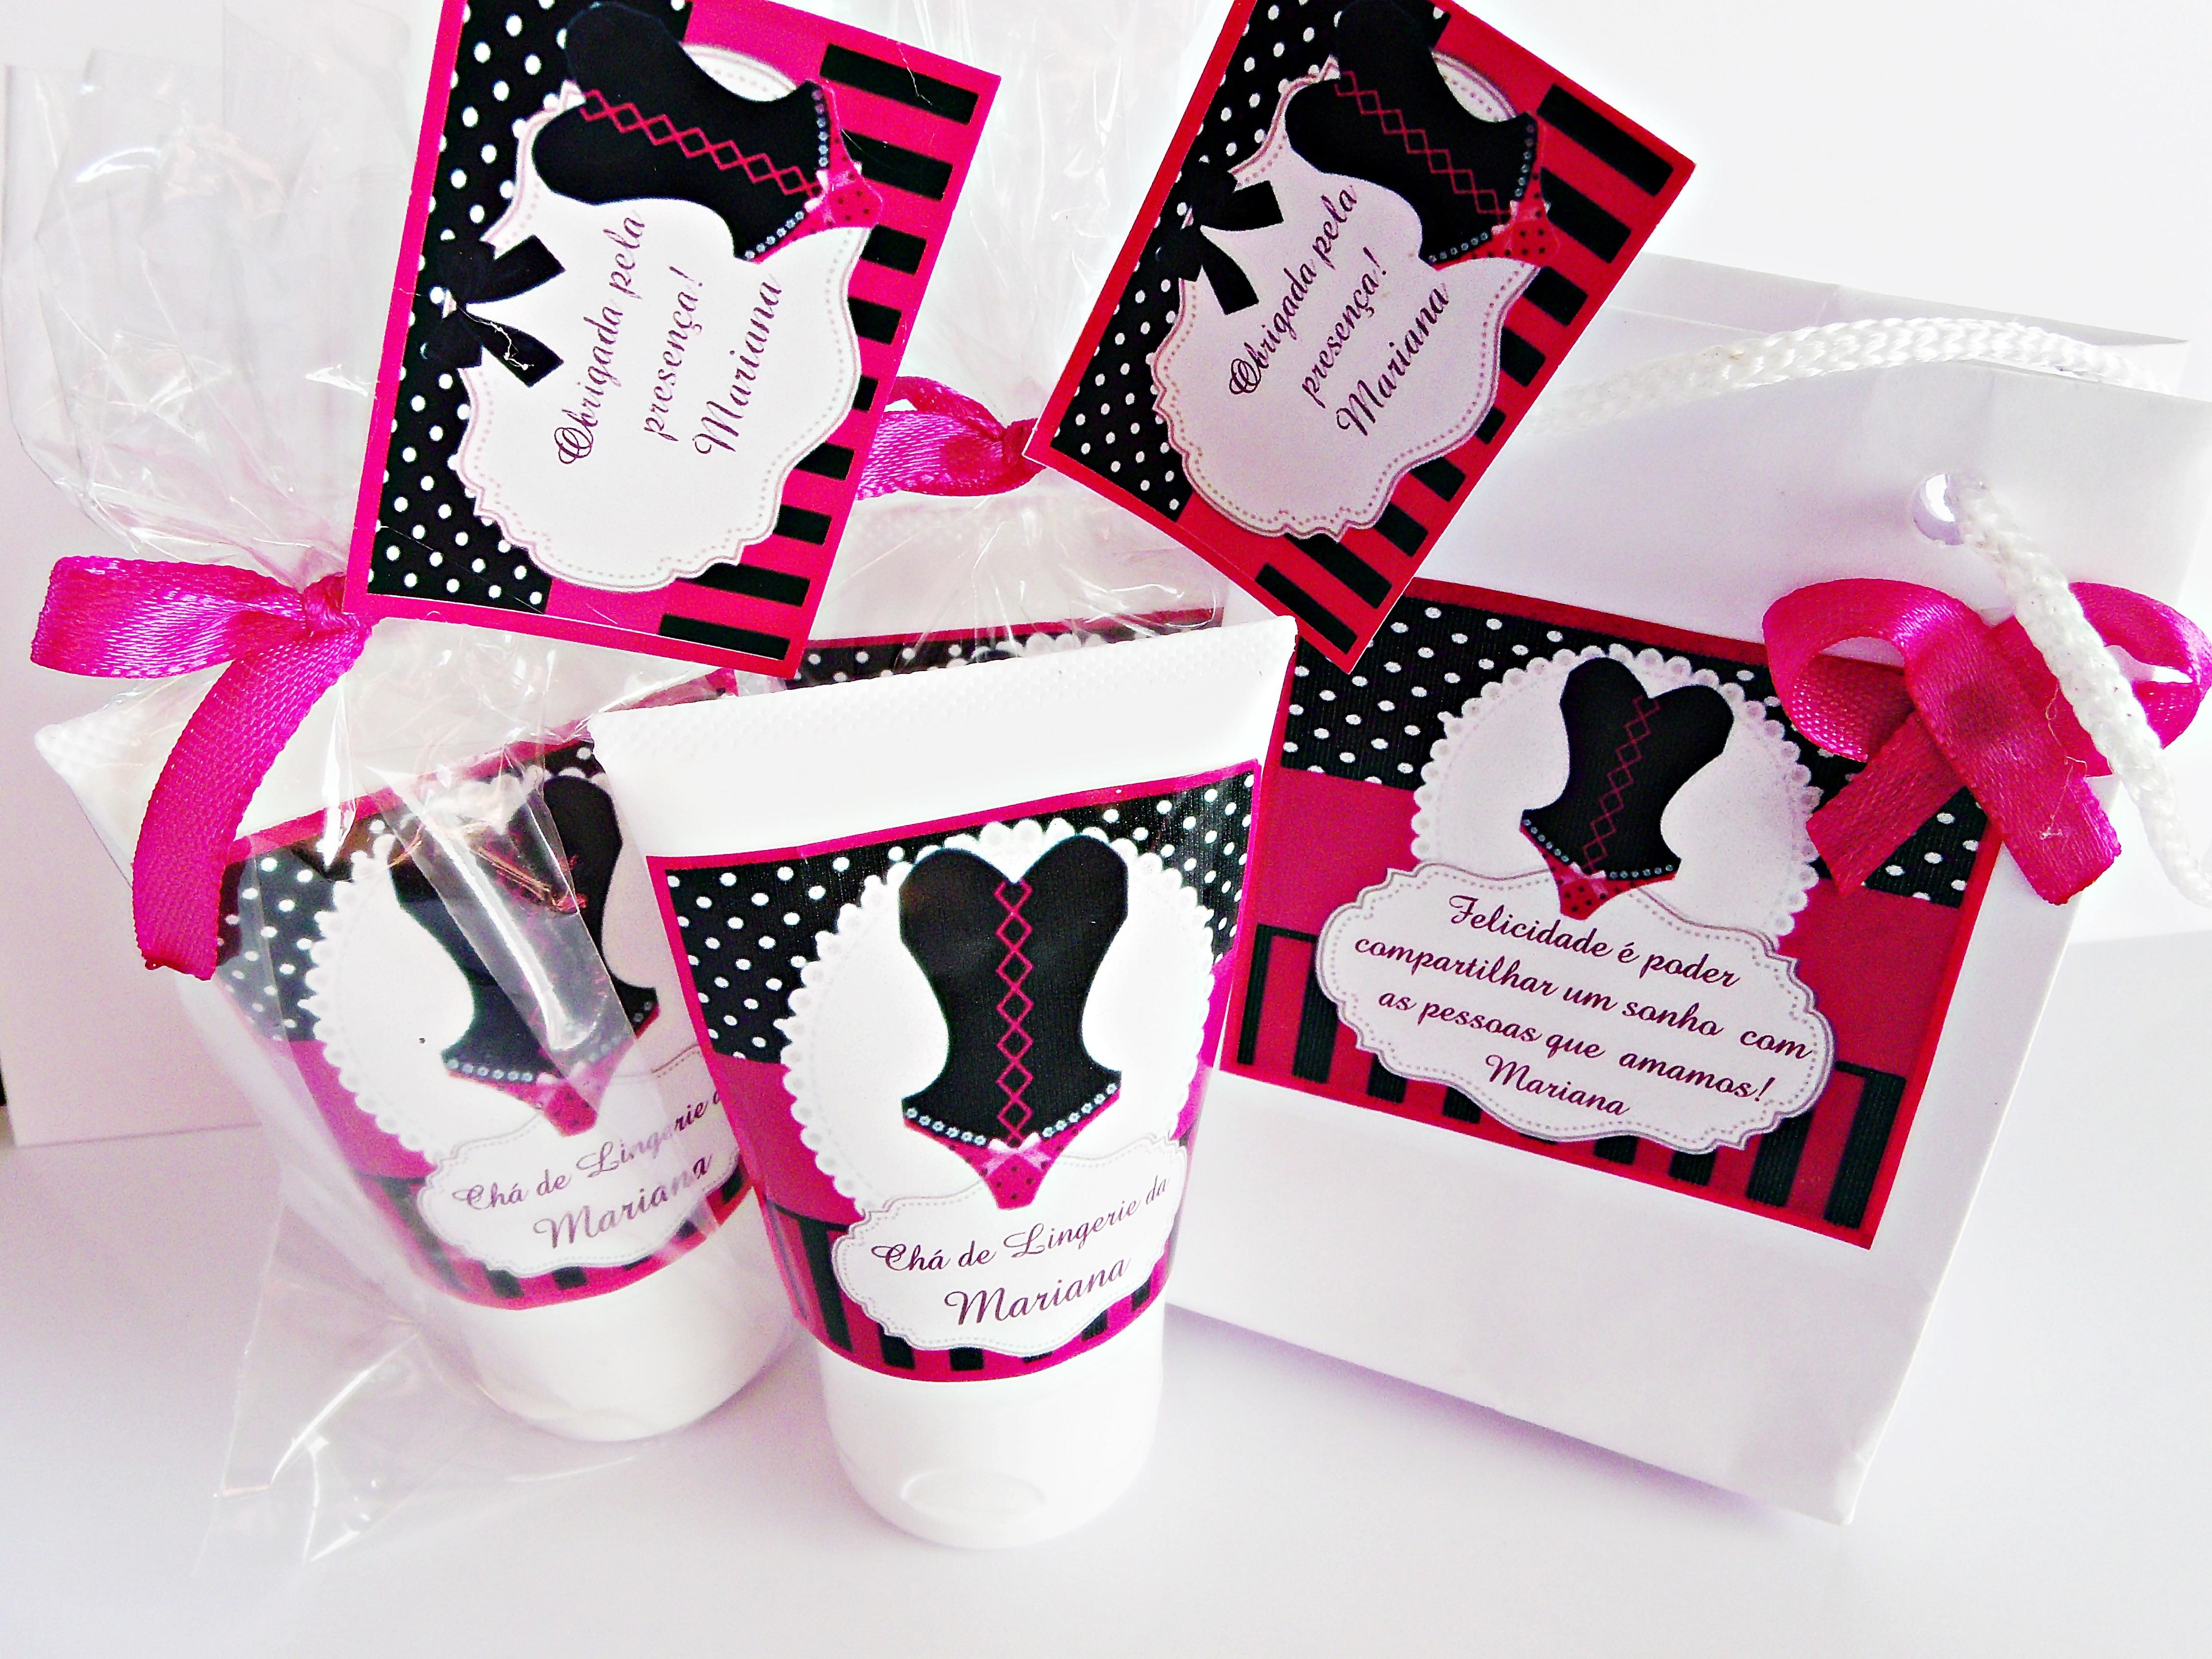 Lembrancinha chá de lingerie no Elo7 | Costa e Barletto decorações (6DE32D)